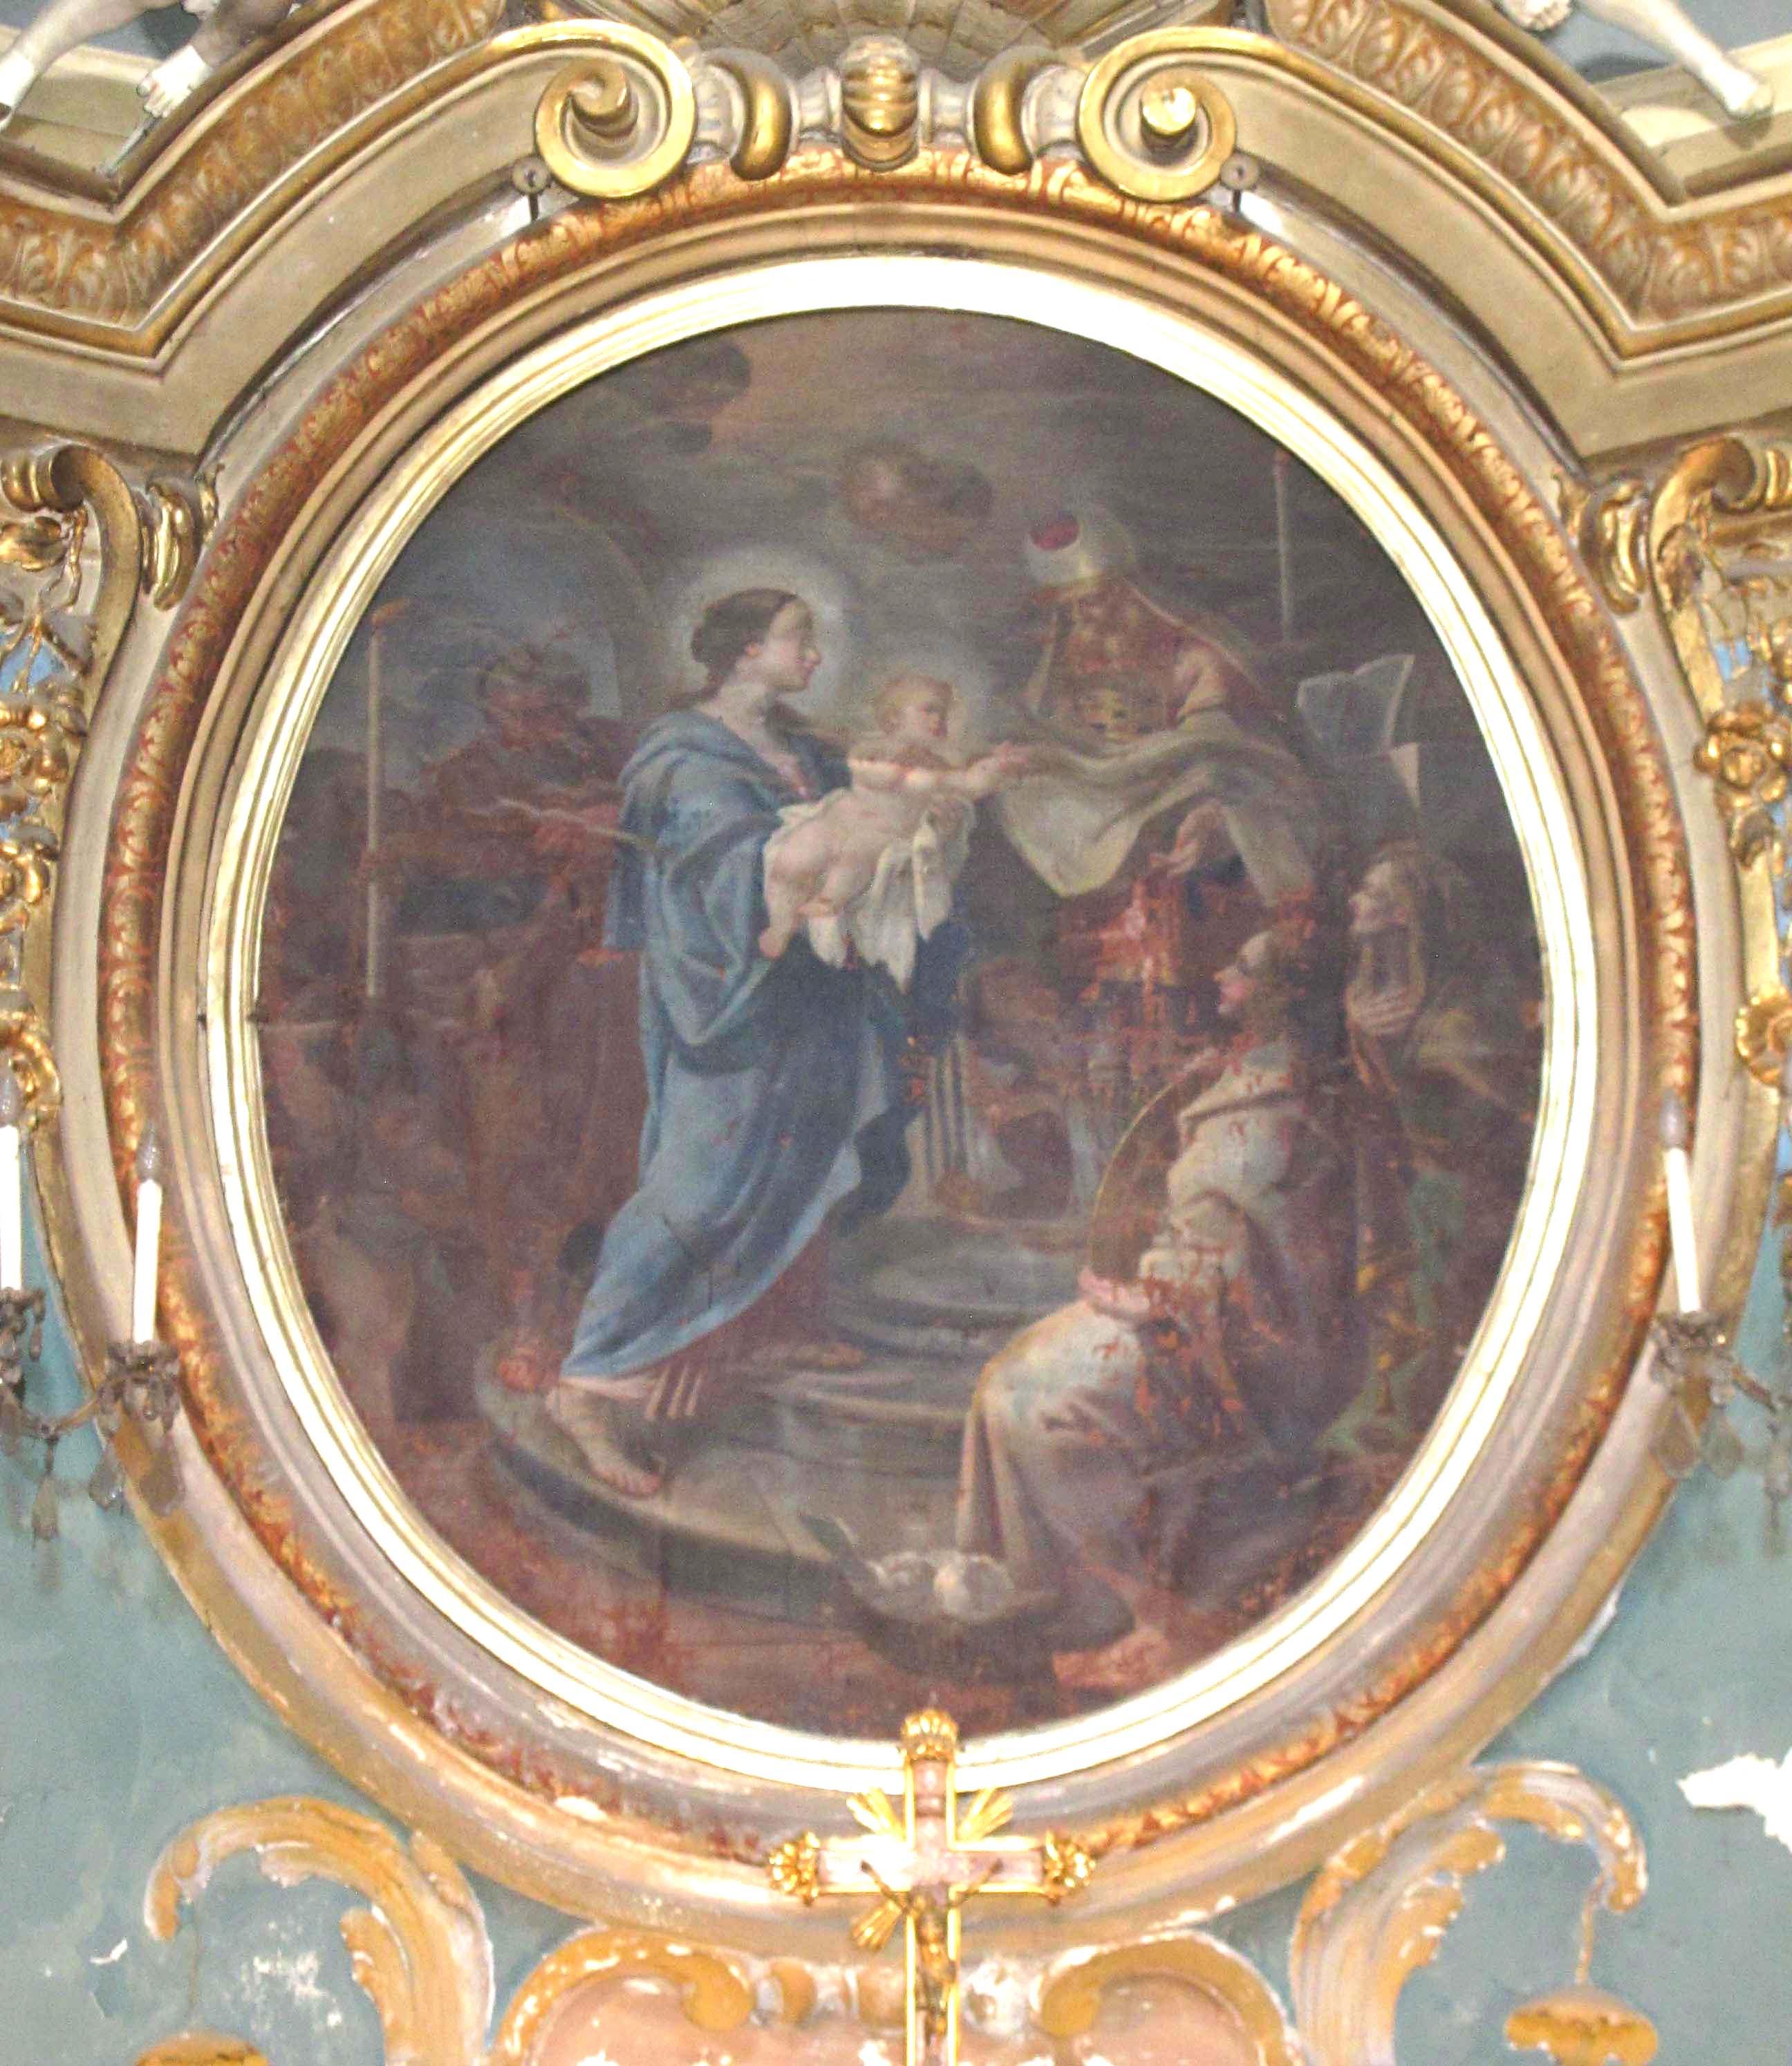 IGNOTO PITTORE PIEMONTESE, Presentazione di Gesù al tempio e Purificazione di Maria SS. (1772 ca.)